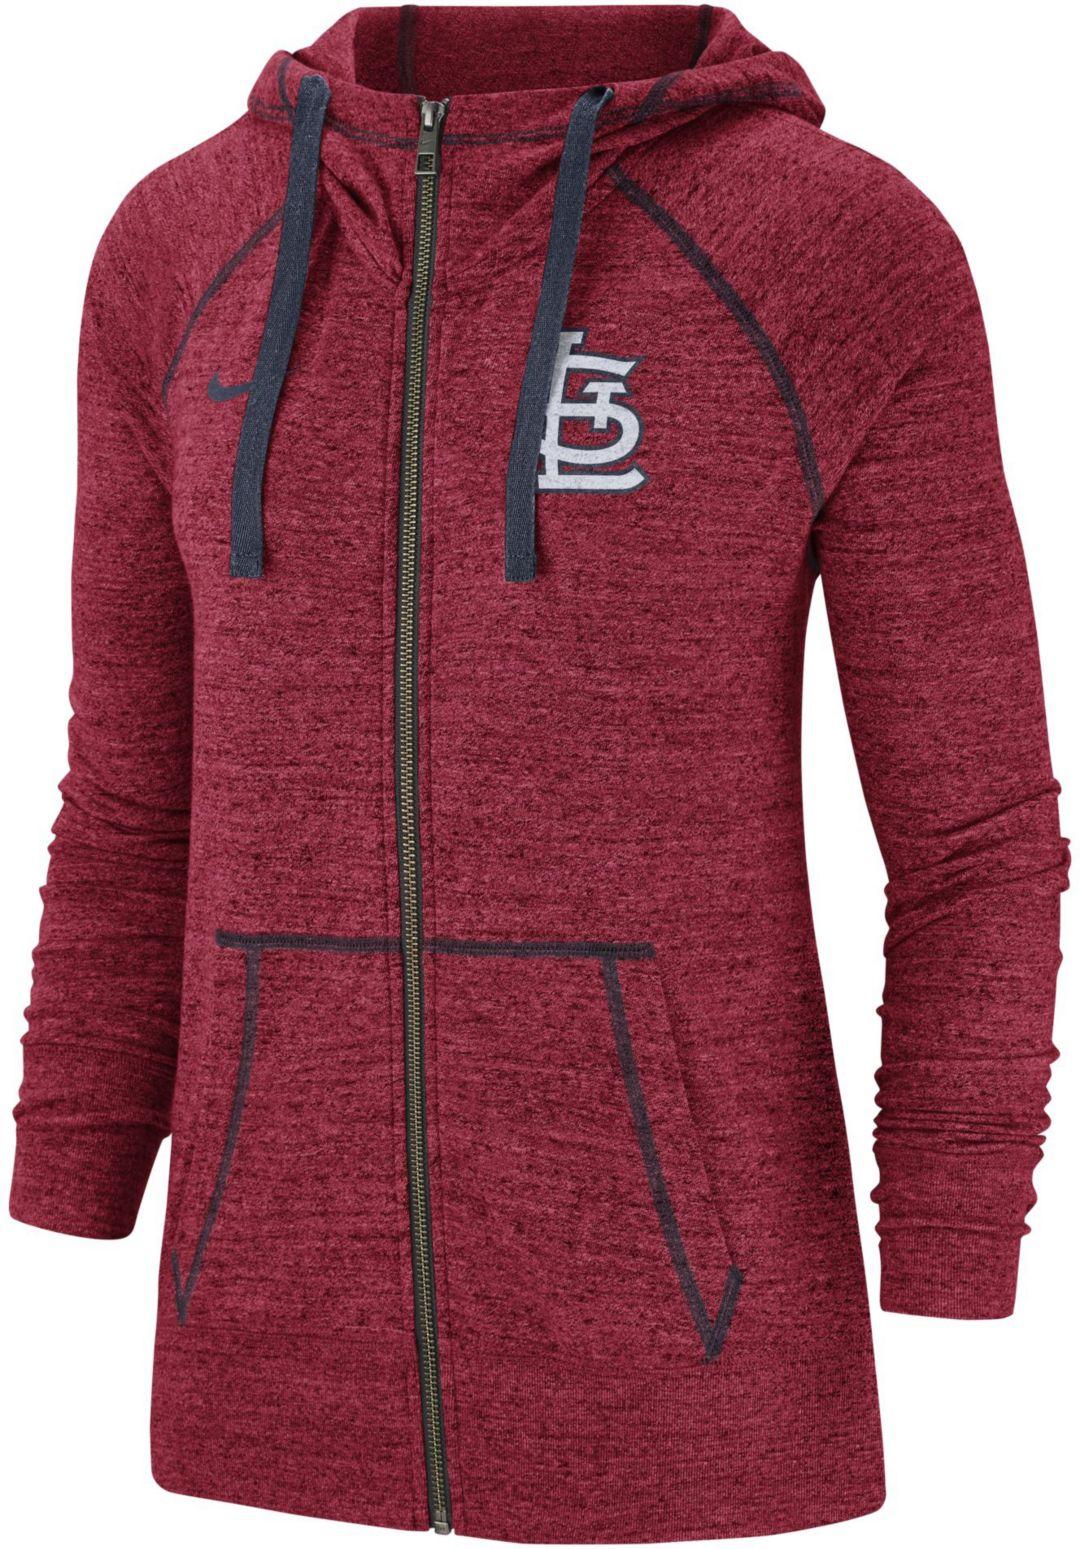 competitive price 2baf3 3eadf Nike Women's St. Louis Cardinals Vintage Full-Zip Hoodie